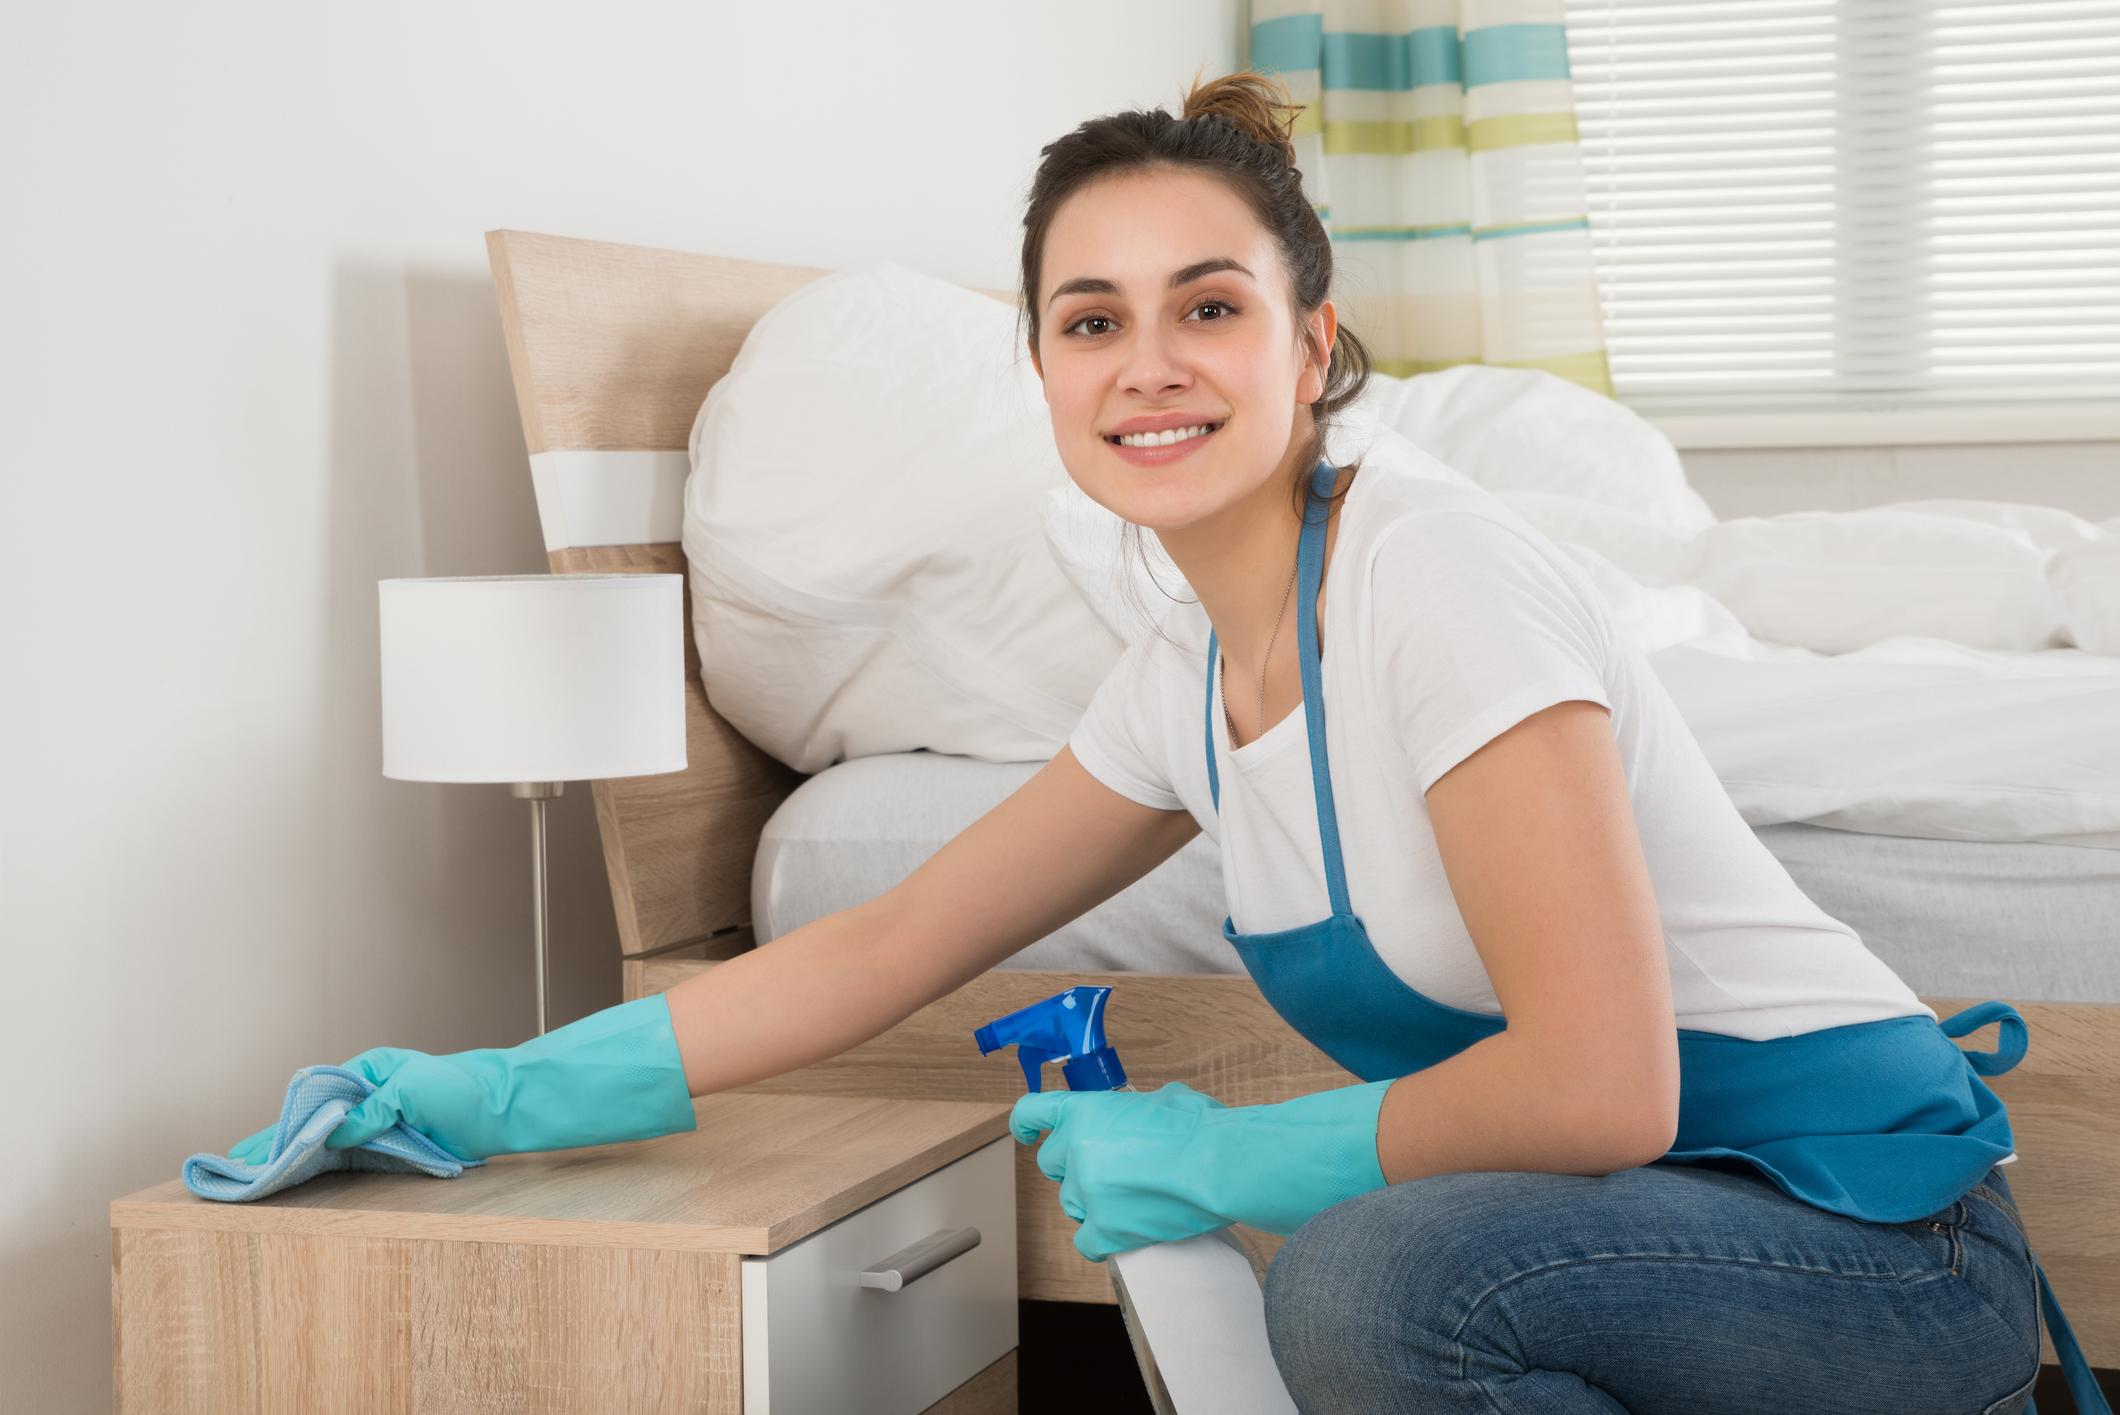 Когато почиствате с препарат против прах мебели, които са направени от дърво, трябва да знаете следното. Не пръскайте върху повърхностите, а върху кърпата, с която ще почистите. Иначе рискувате да разпръскате повече прах във въздуха.